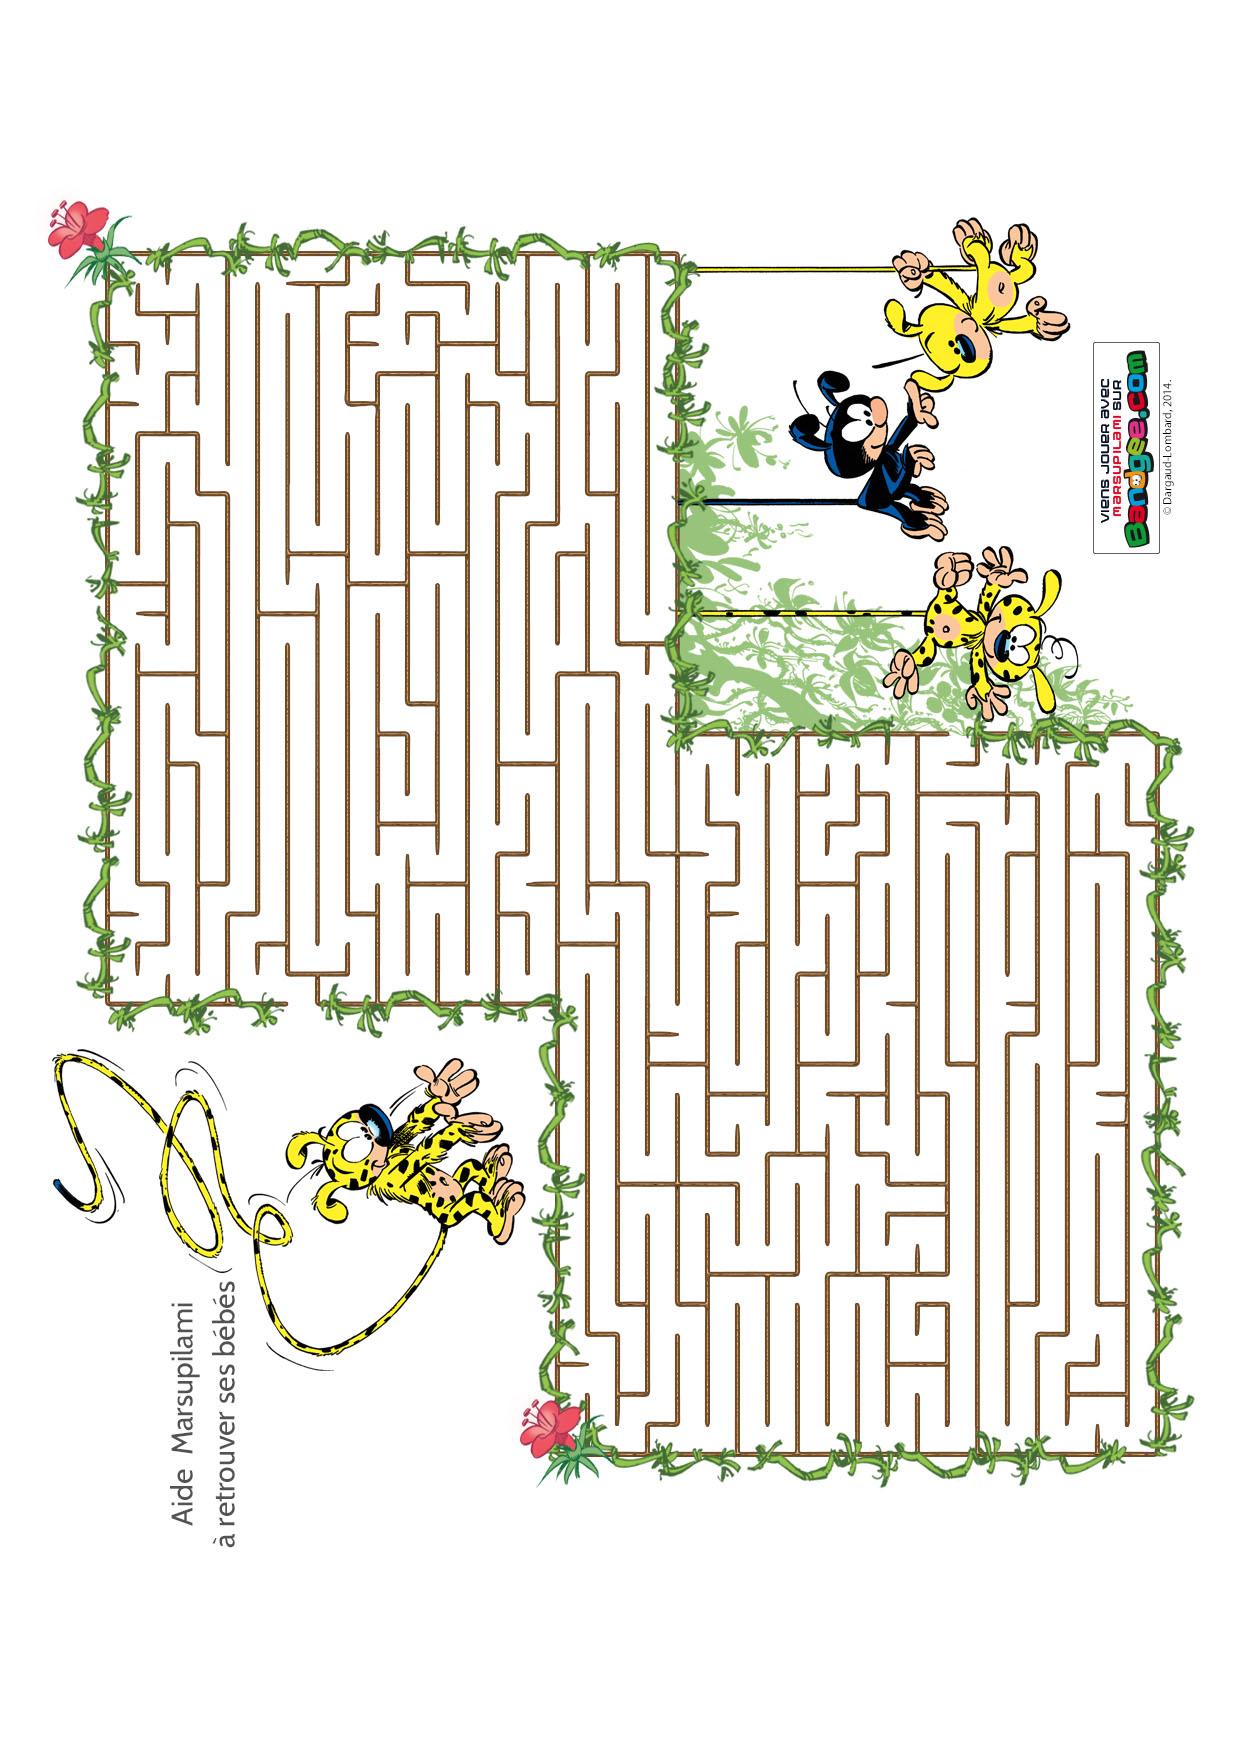 - Jeu labyrinthe a imprimer ...